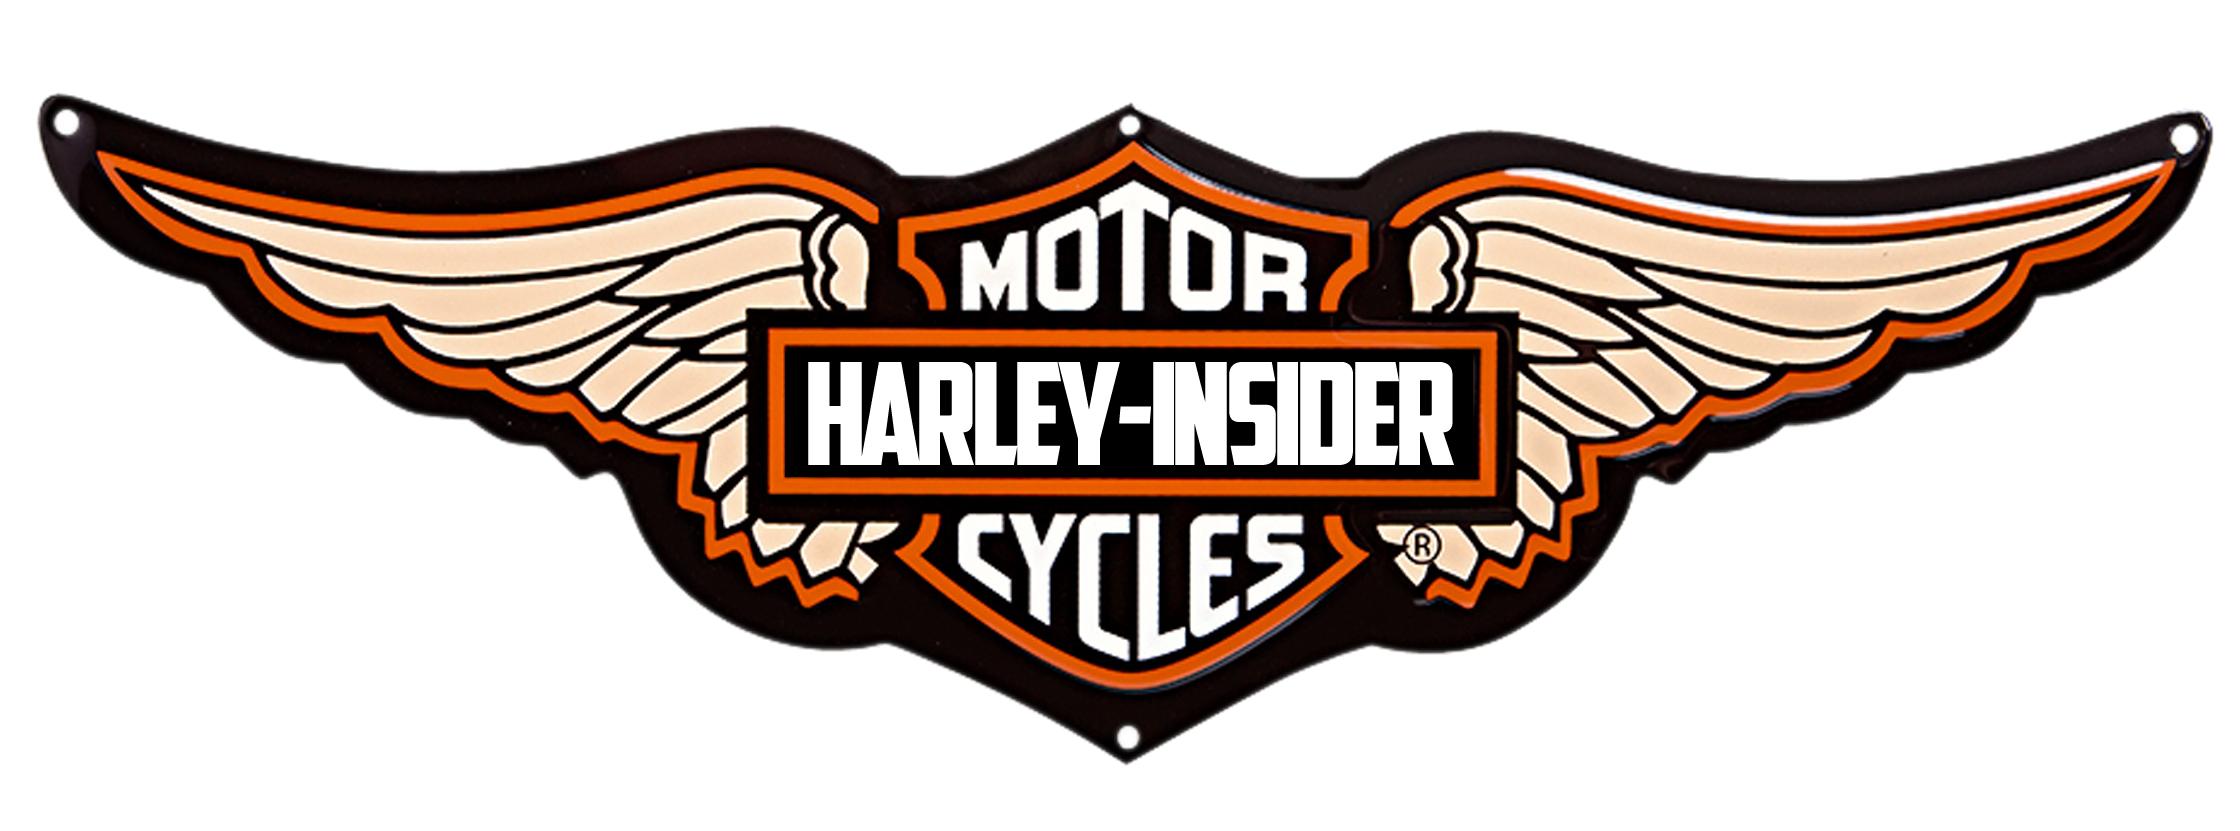 Harley Davidson Logo Hd Wallpapers Download Free Harley Davidson Logo Tumblr Pinterest Hd Wallpap Desenhos De Carros Antigos Harley Davidson Arte Com Caveira